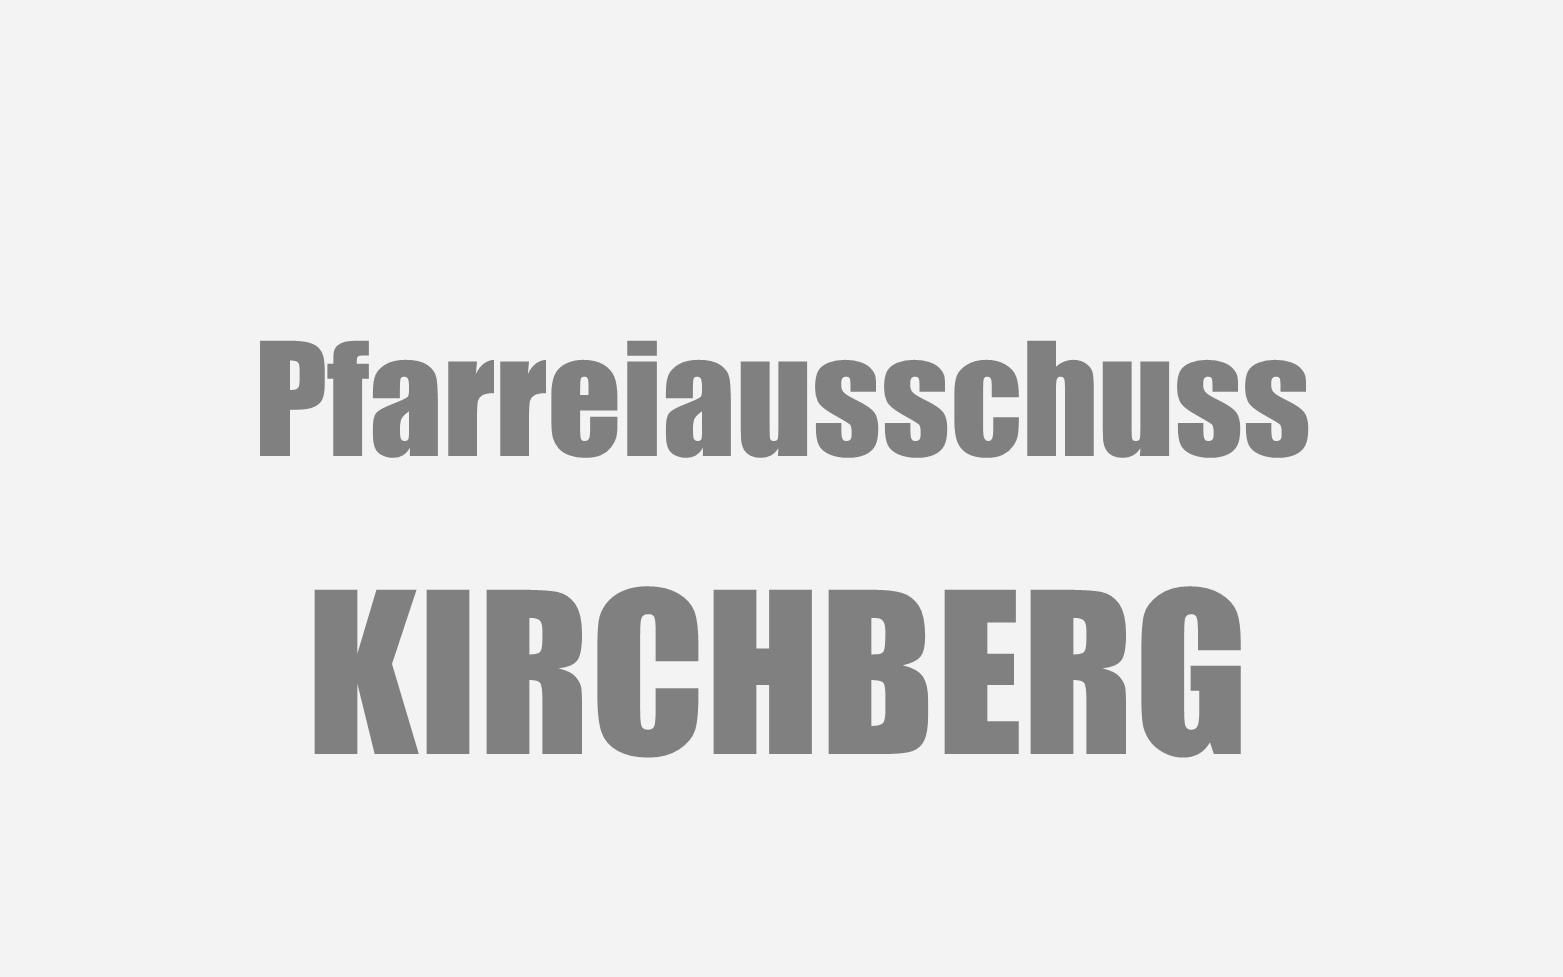 Kirchberg Pfarreiausschuss Symbolbild